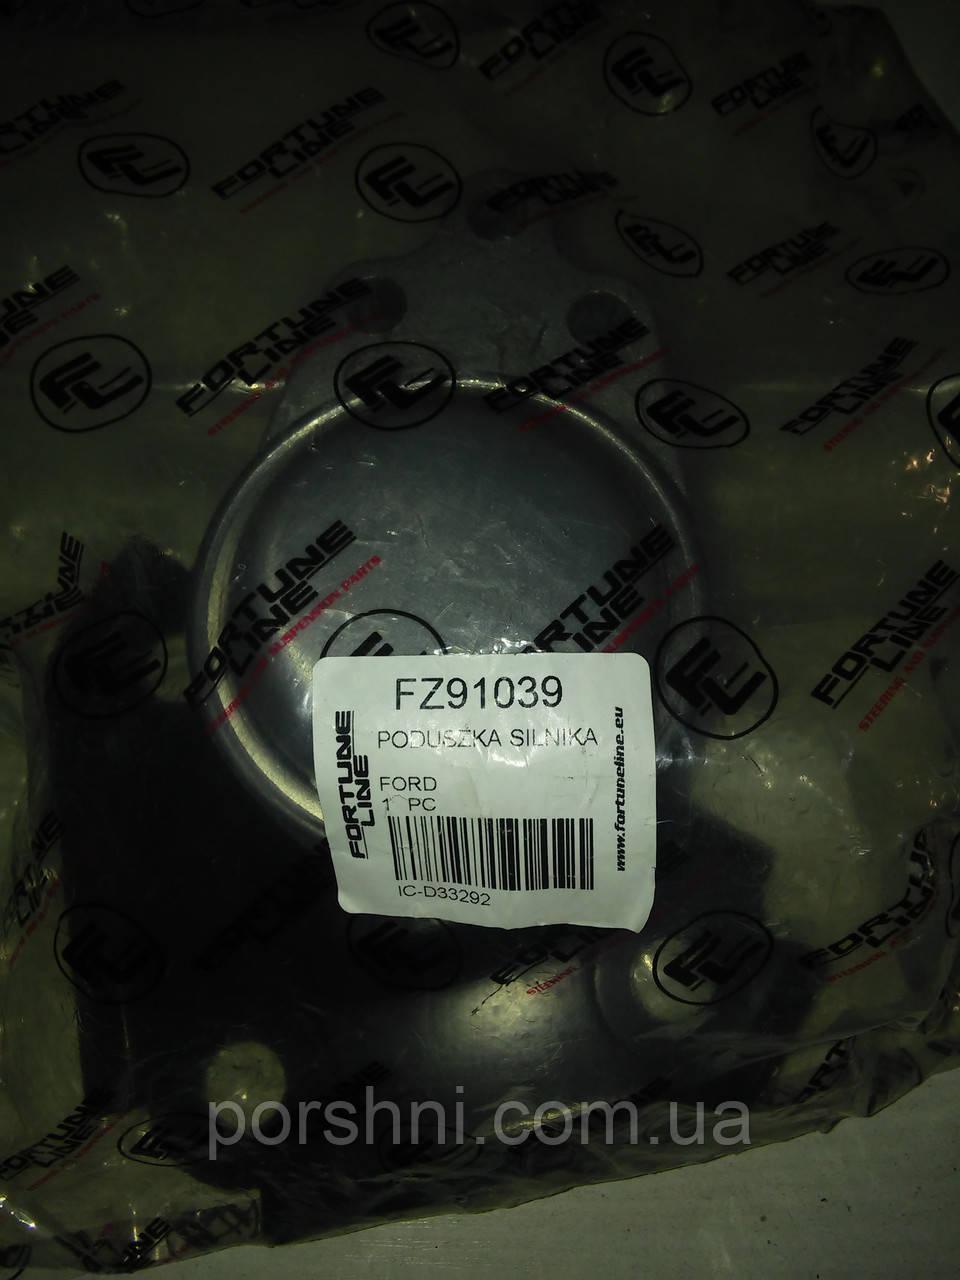 Подушка  двигателя Ford  Fiesta Fusion  1.25 - 1.6 2001 >Fortune Line RH FZ91039. N:1207532